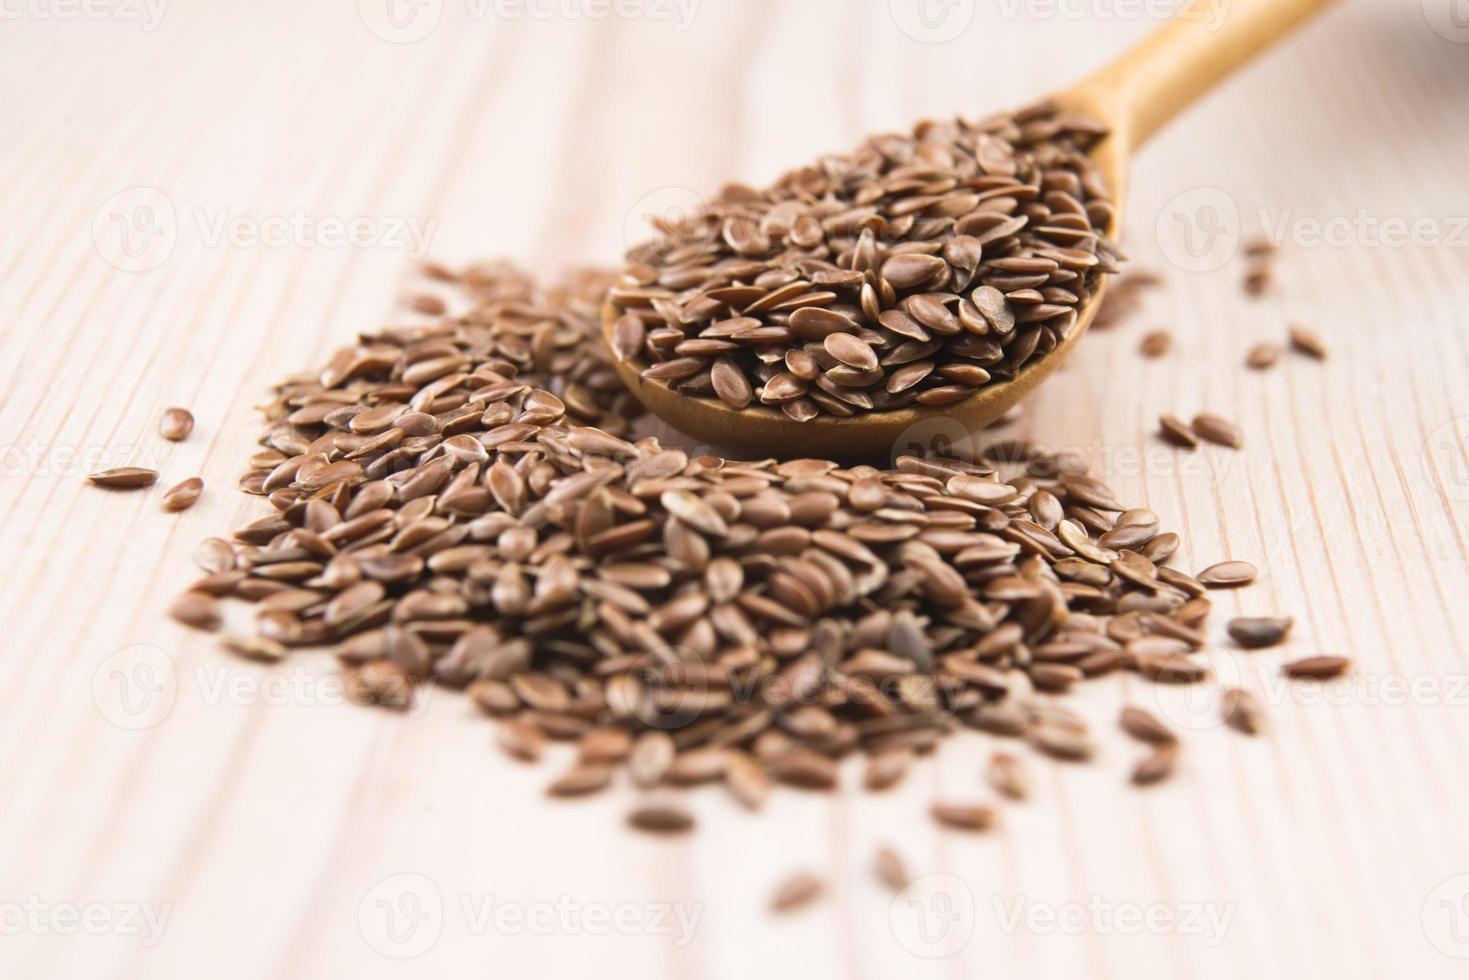 aceite de linaza y semillas de lino sobre fondo de madera foto